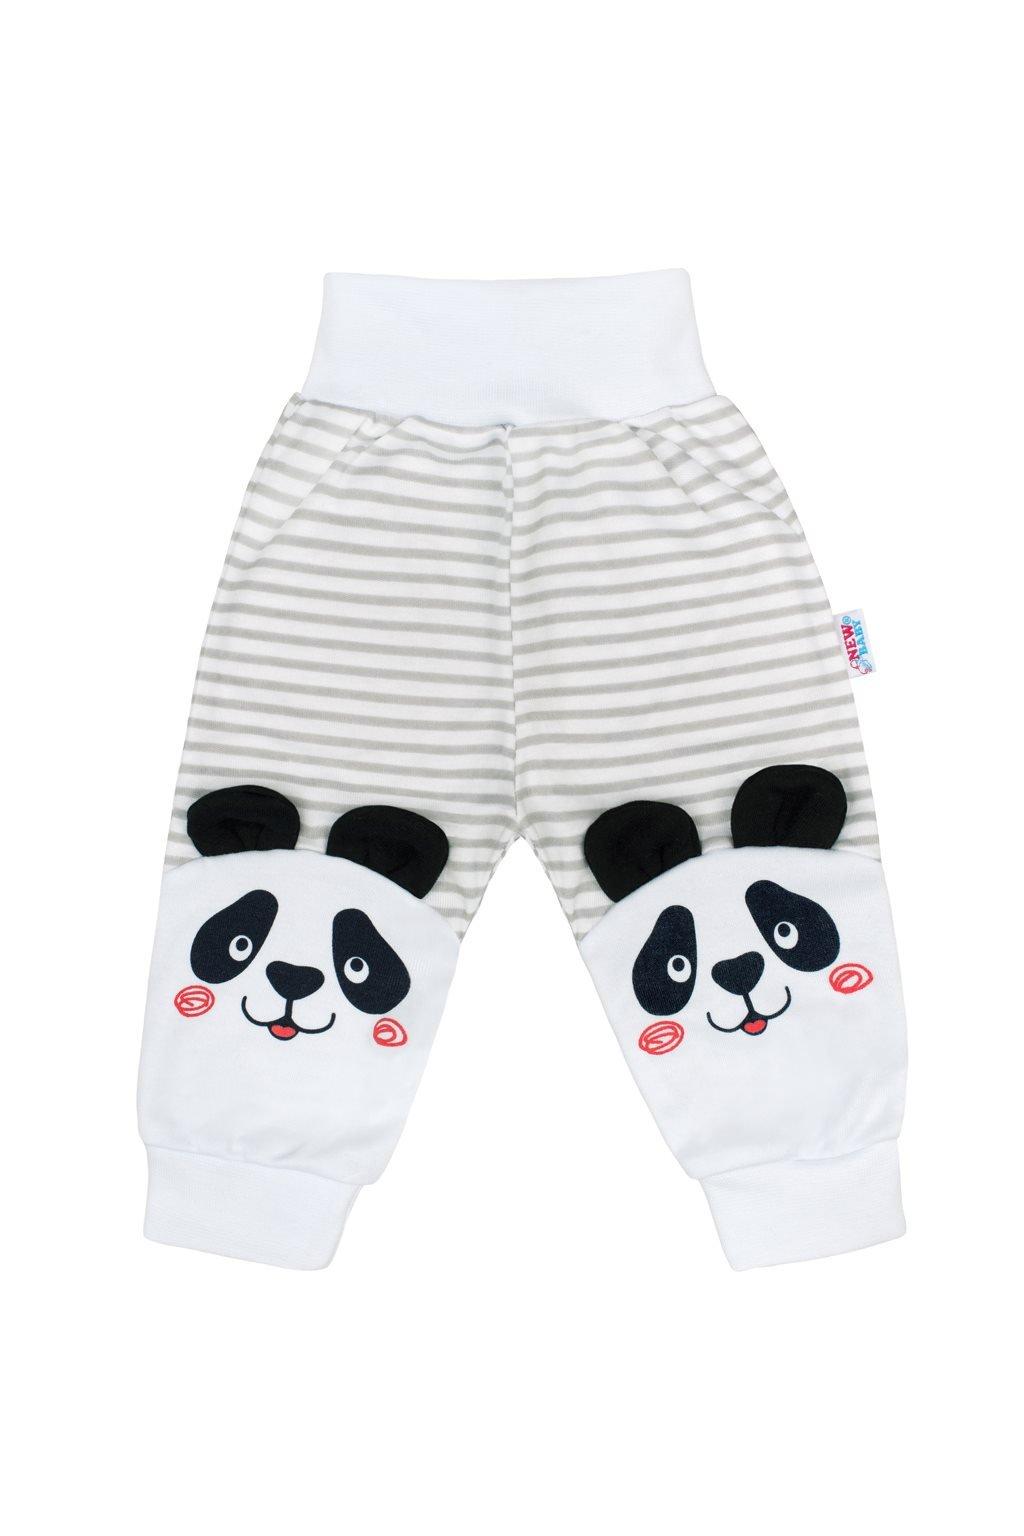 Dojčenské tepláčky New Baby Panda